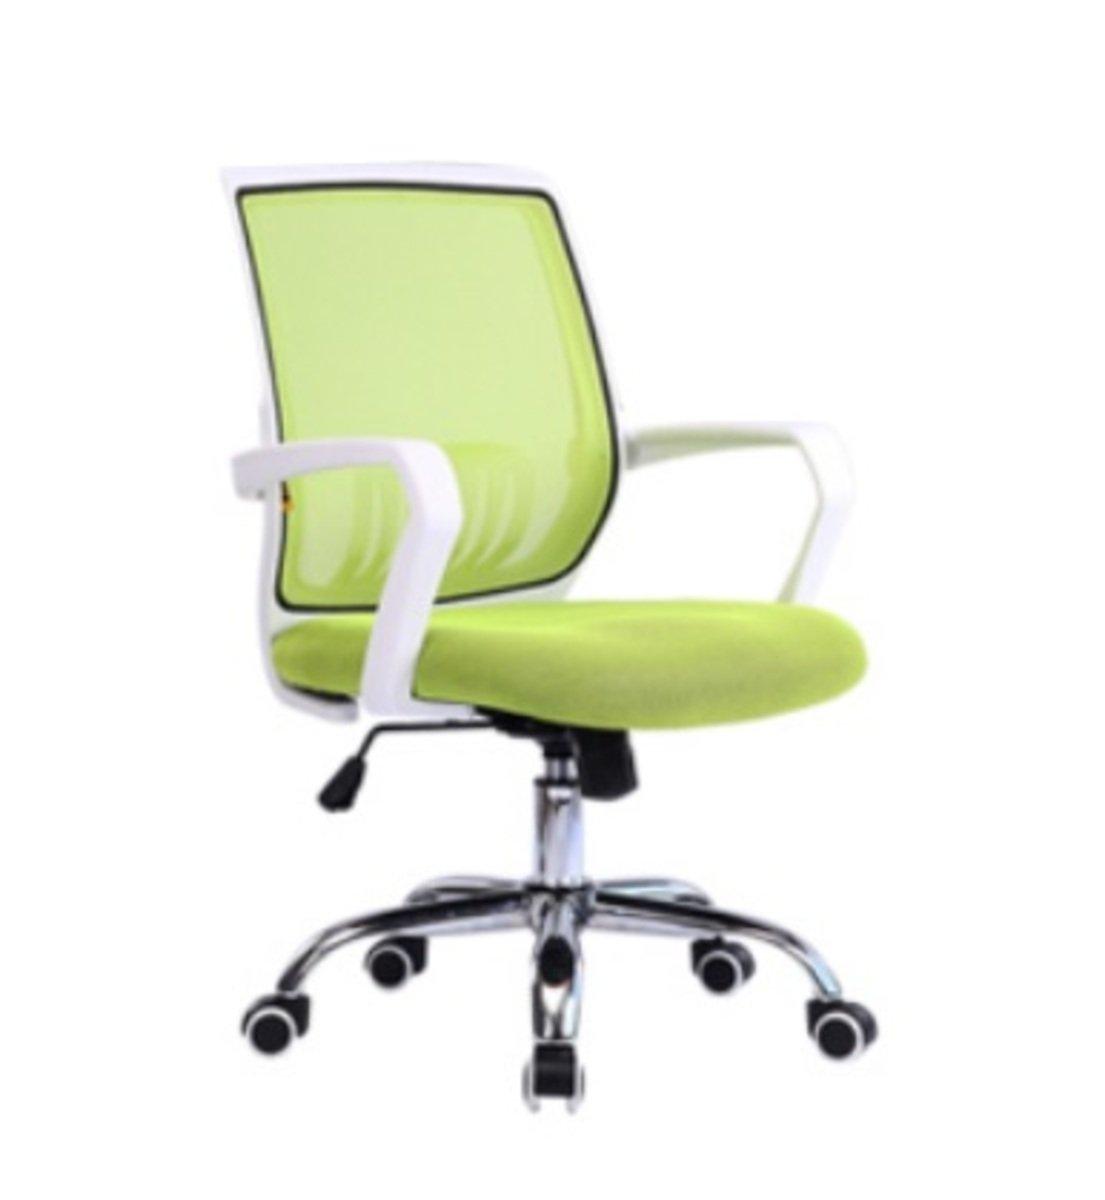 人體工學辦公椅-白框(蘋果綠色)